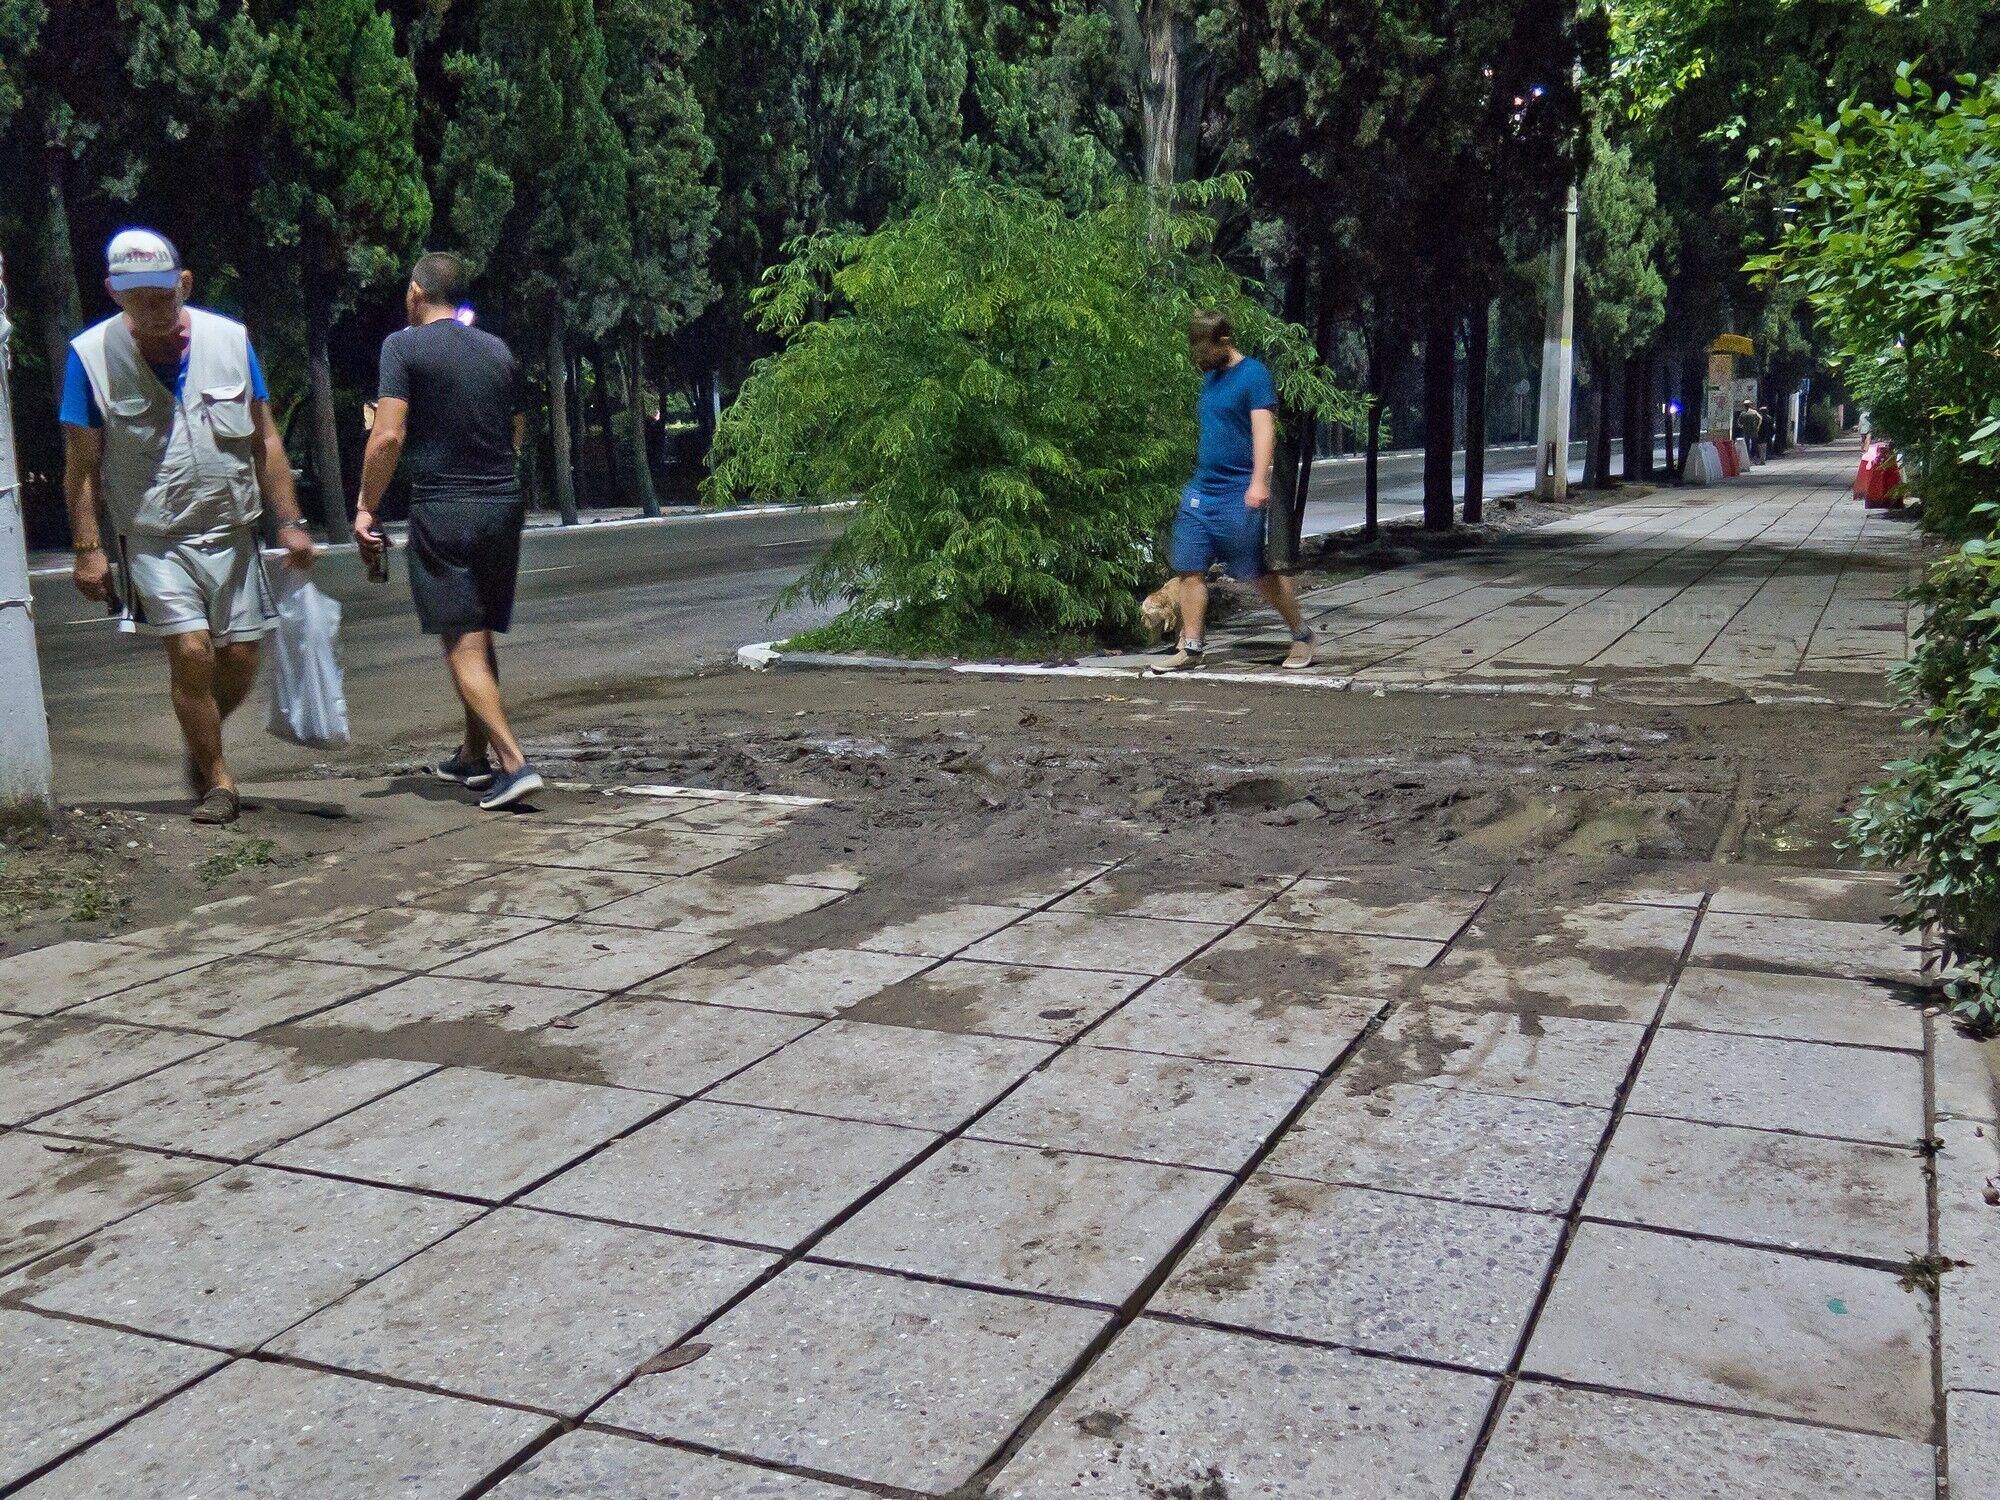 Московскую улицу отмыли. Но съезды с неё во дворы (и, заодно, по сути, части идущего вдоль неё тротуара) выглядят так